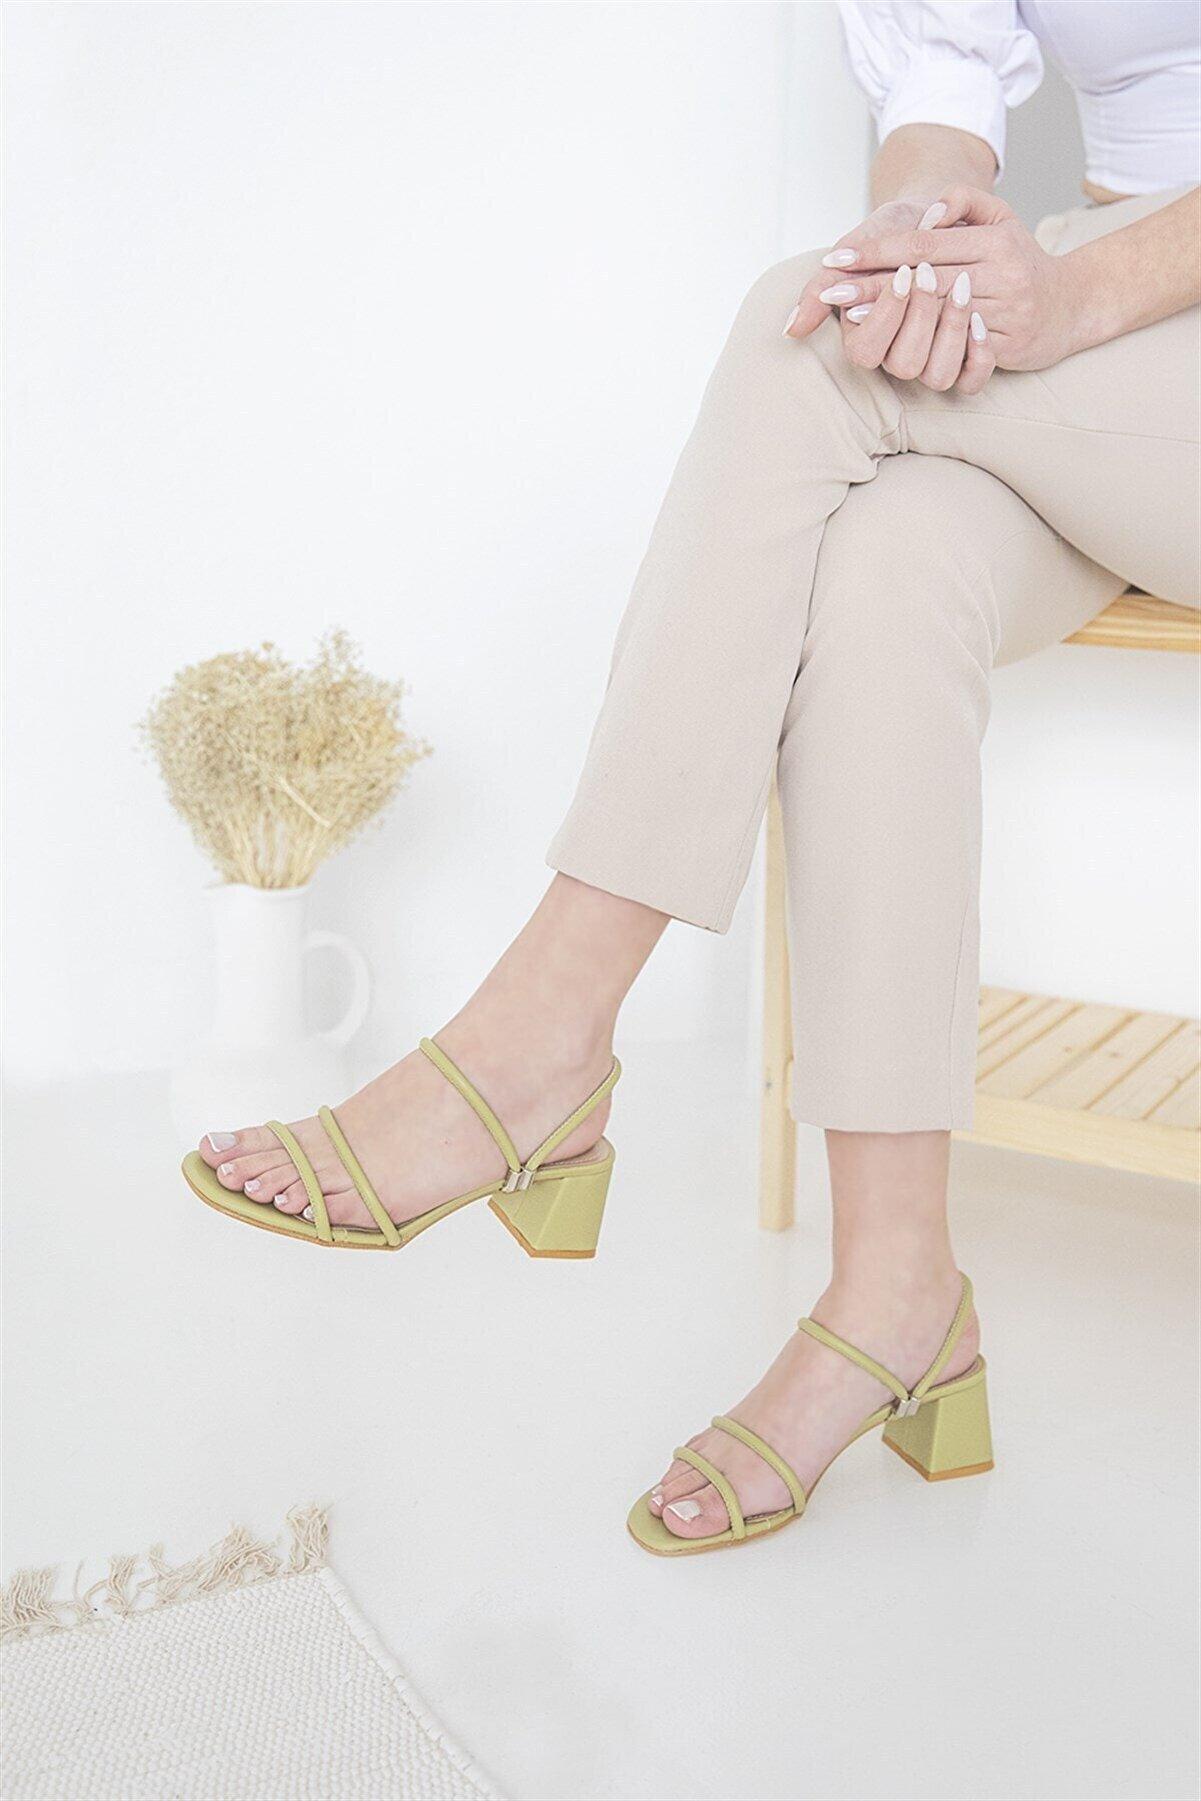 Straswans Camren Kadın Topuklu Deri Sandalet Fıstık Yeşil